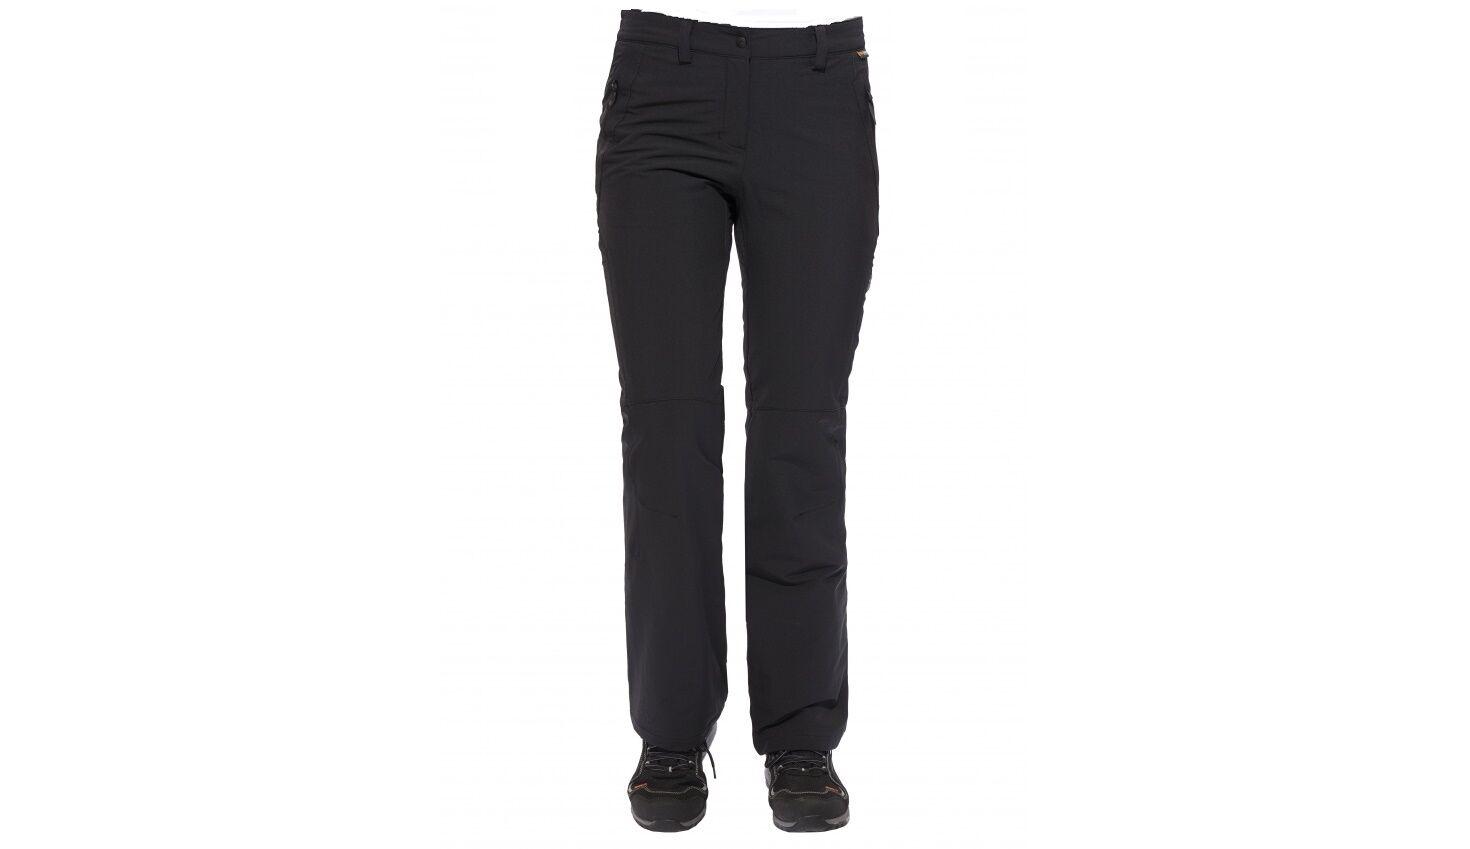 Jack Wolfskin activate winter pants Damen RESTPOSTEN warm beweglich leicht guck